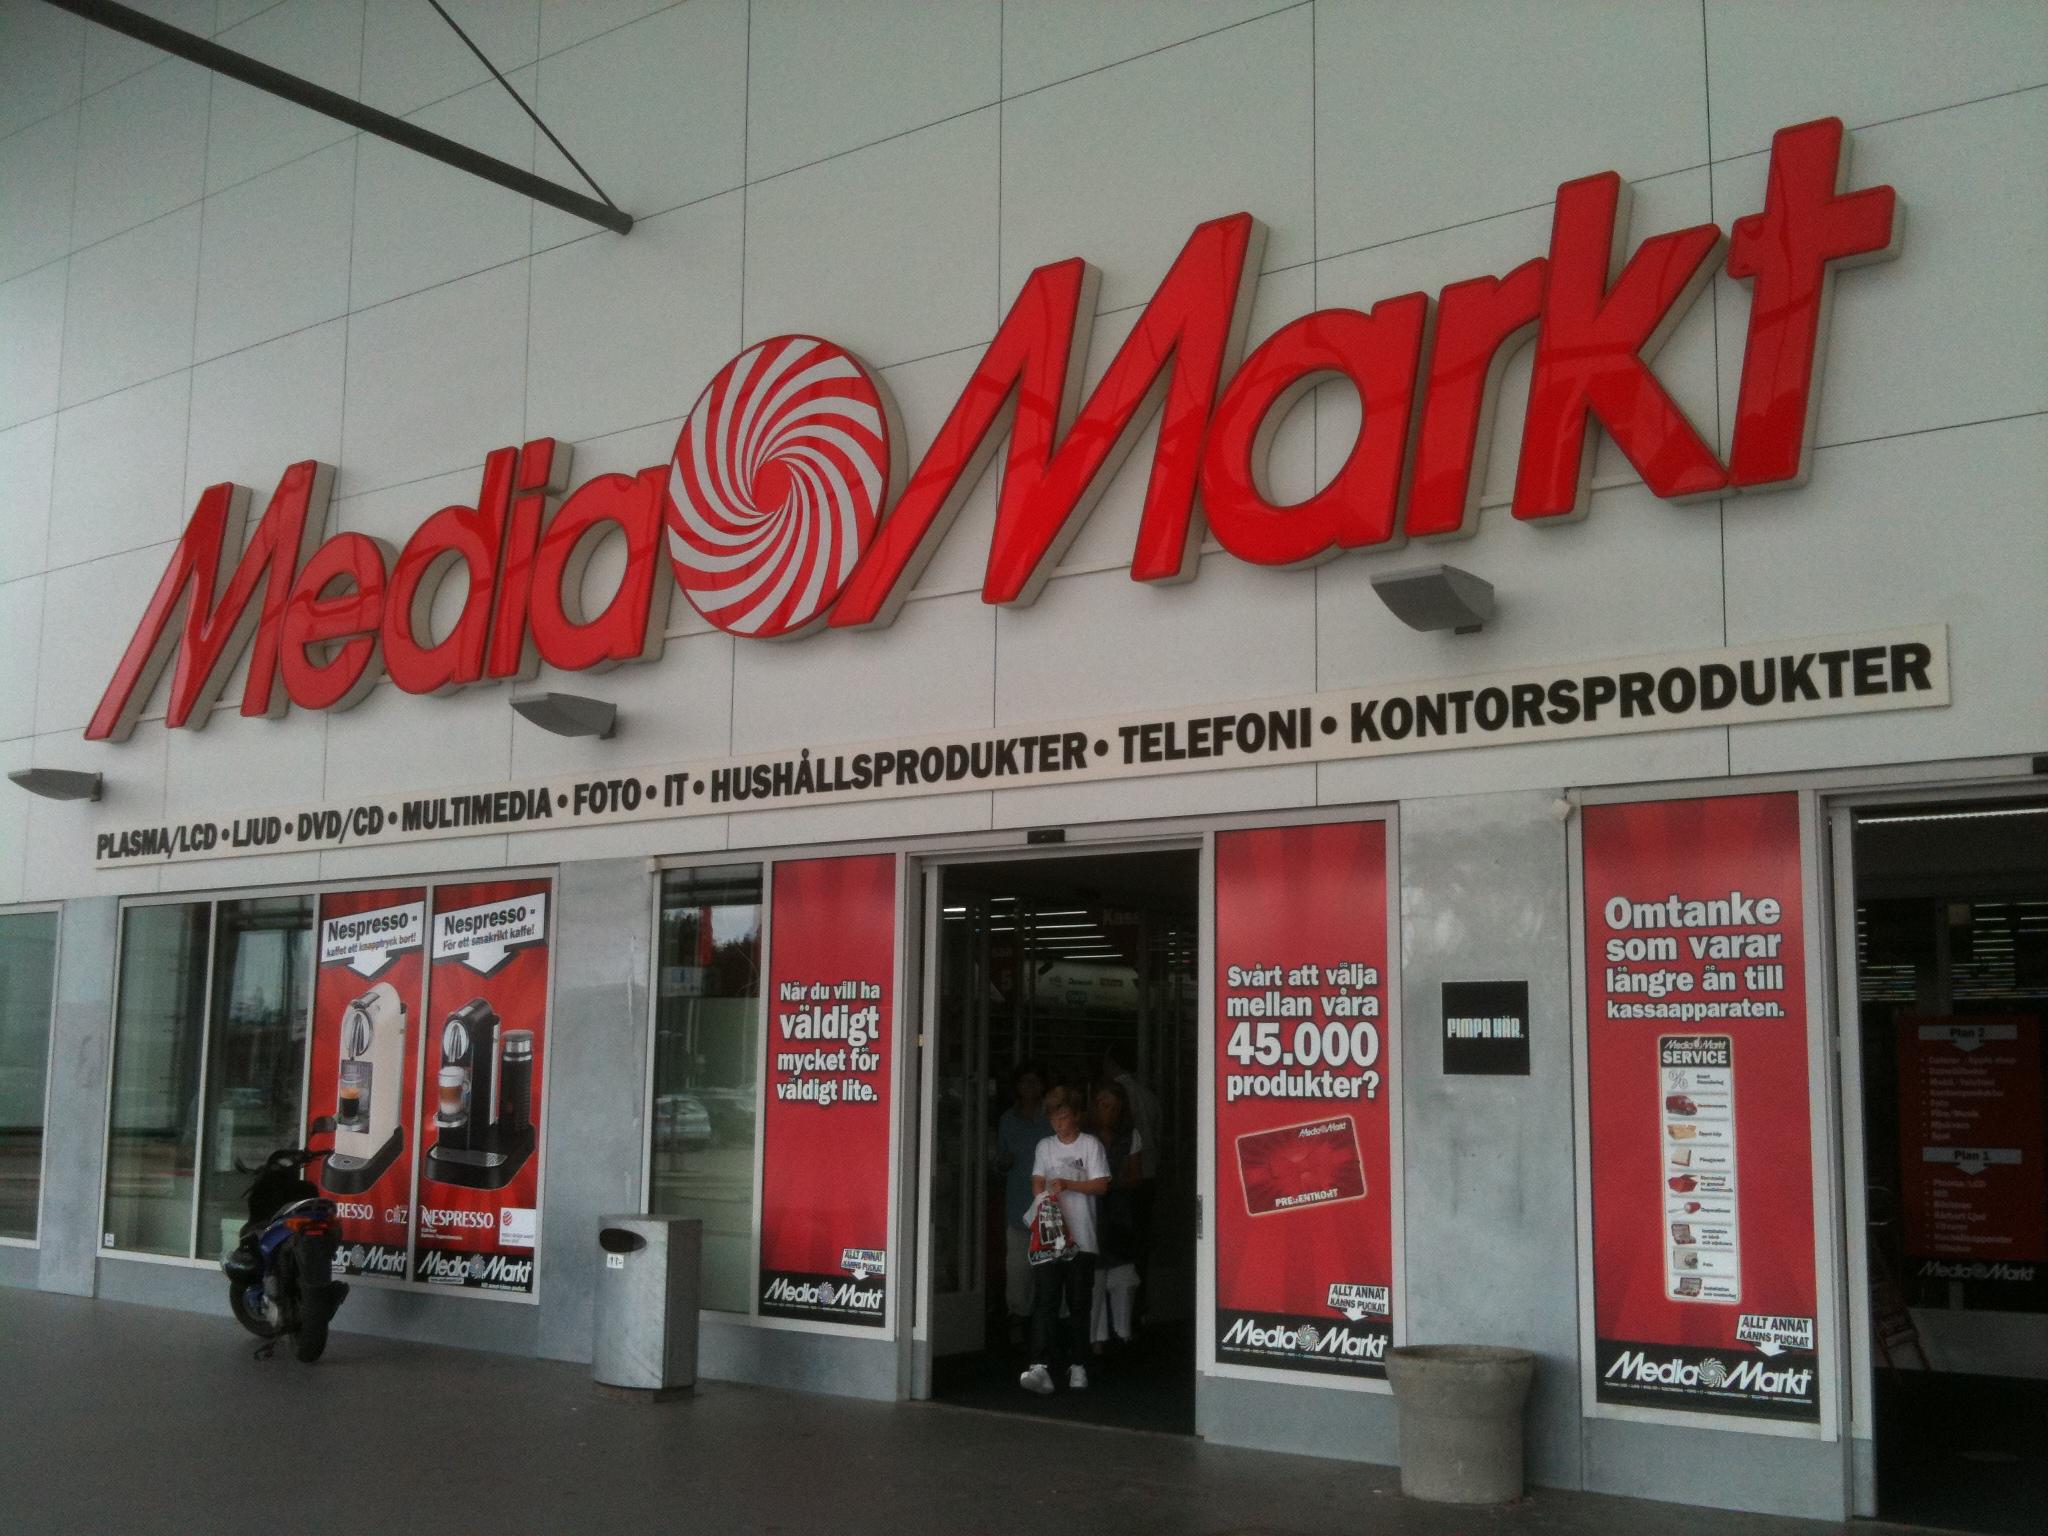 Медиа-маркт адреса - c94c